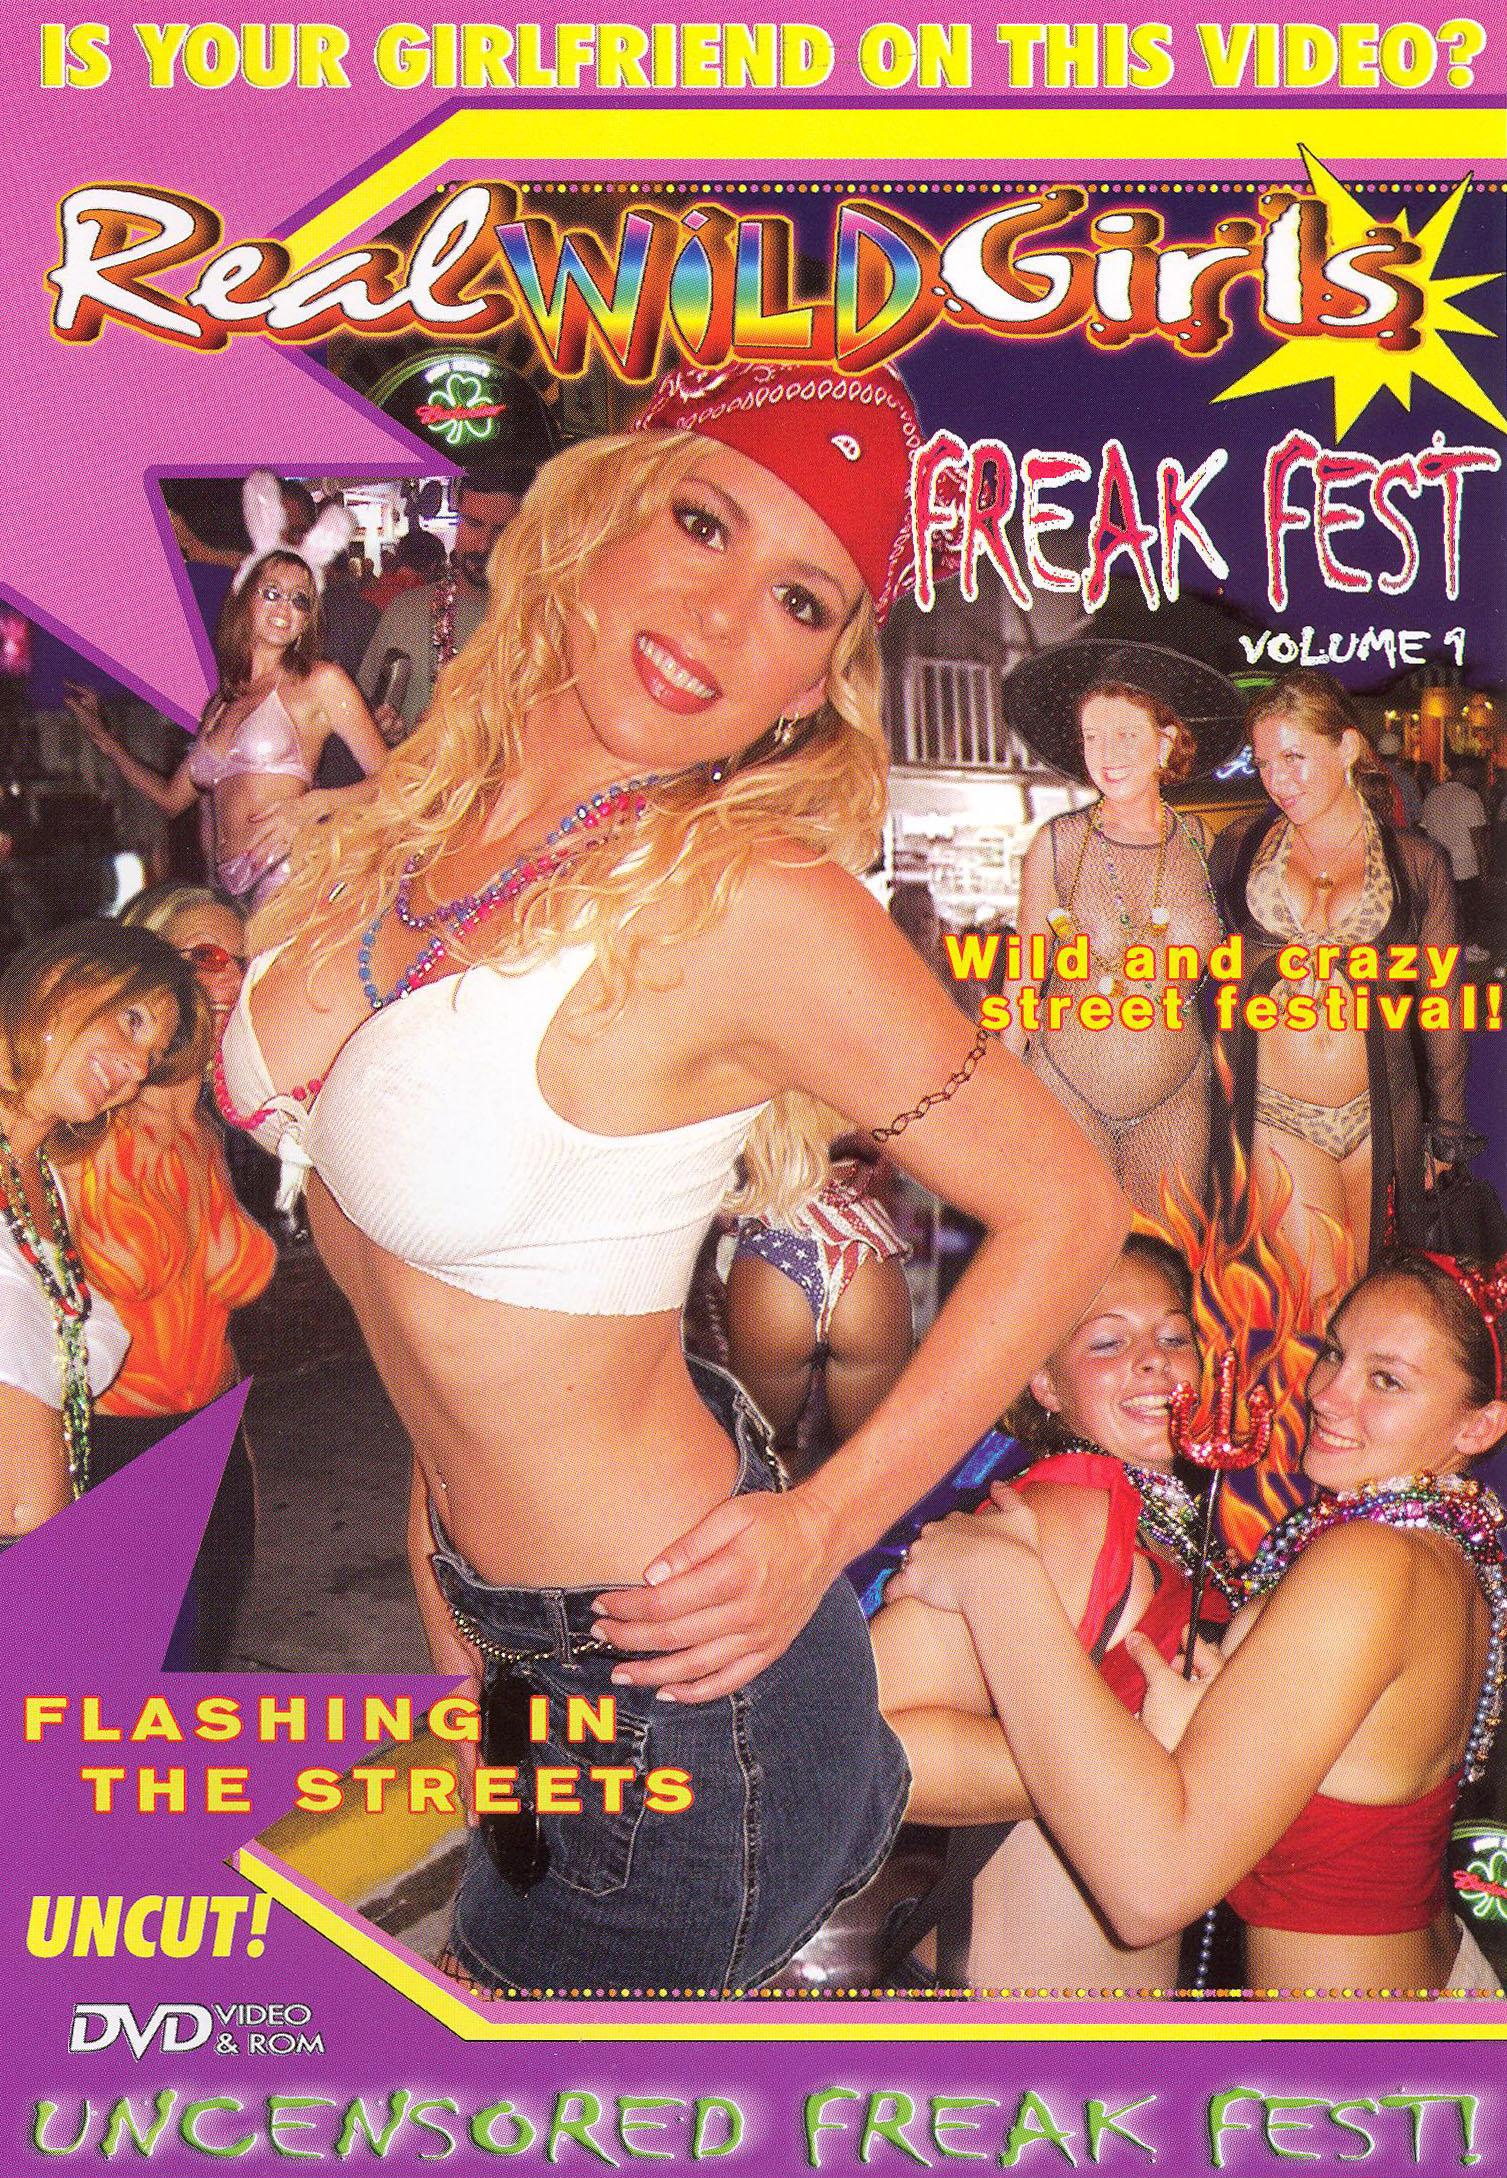 Real Wild Girls: Freak Fest